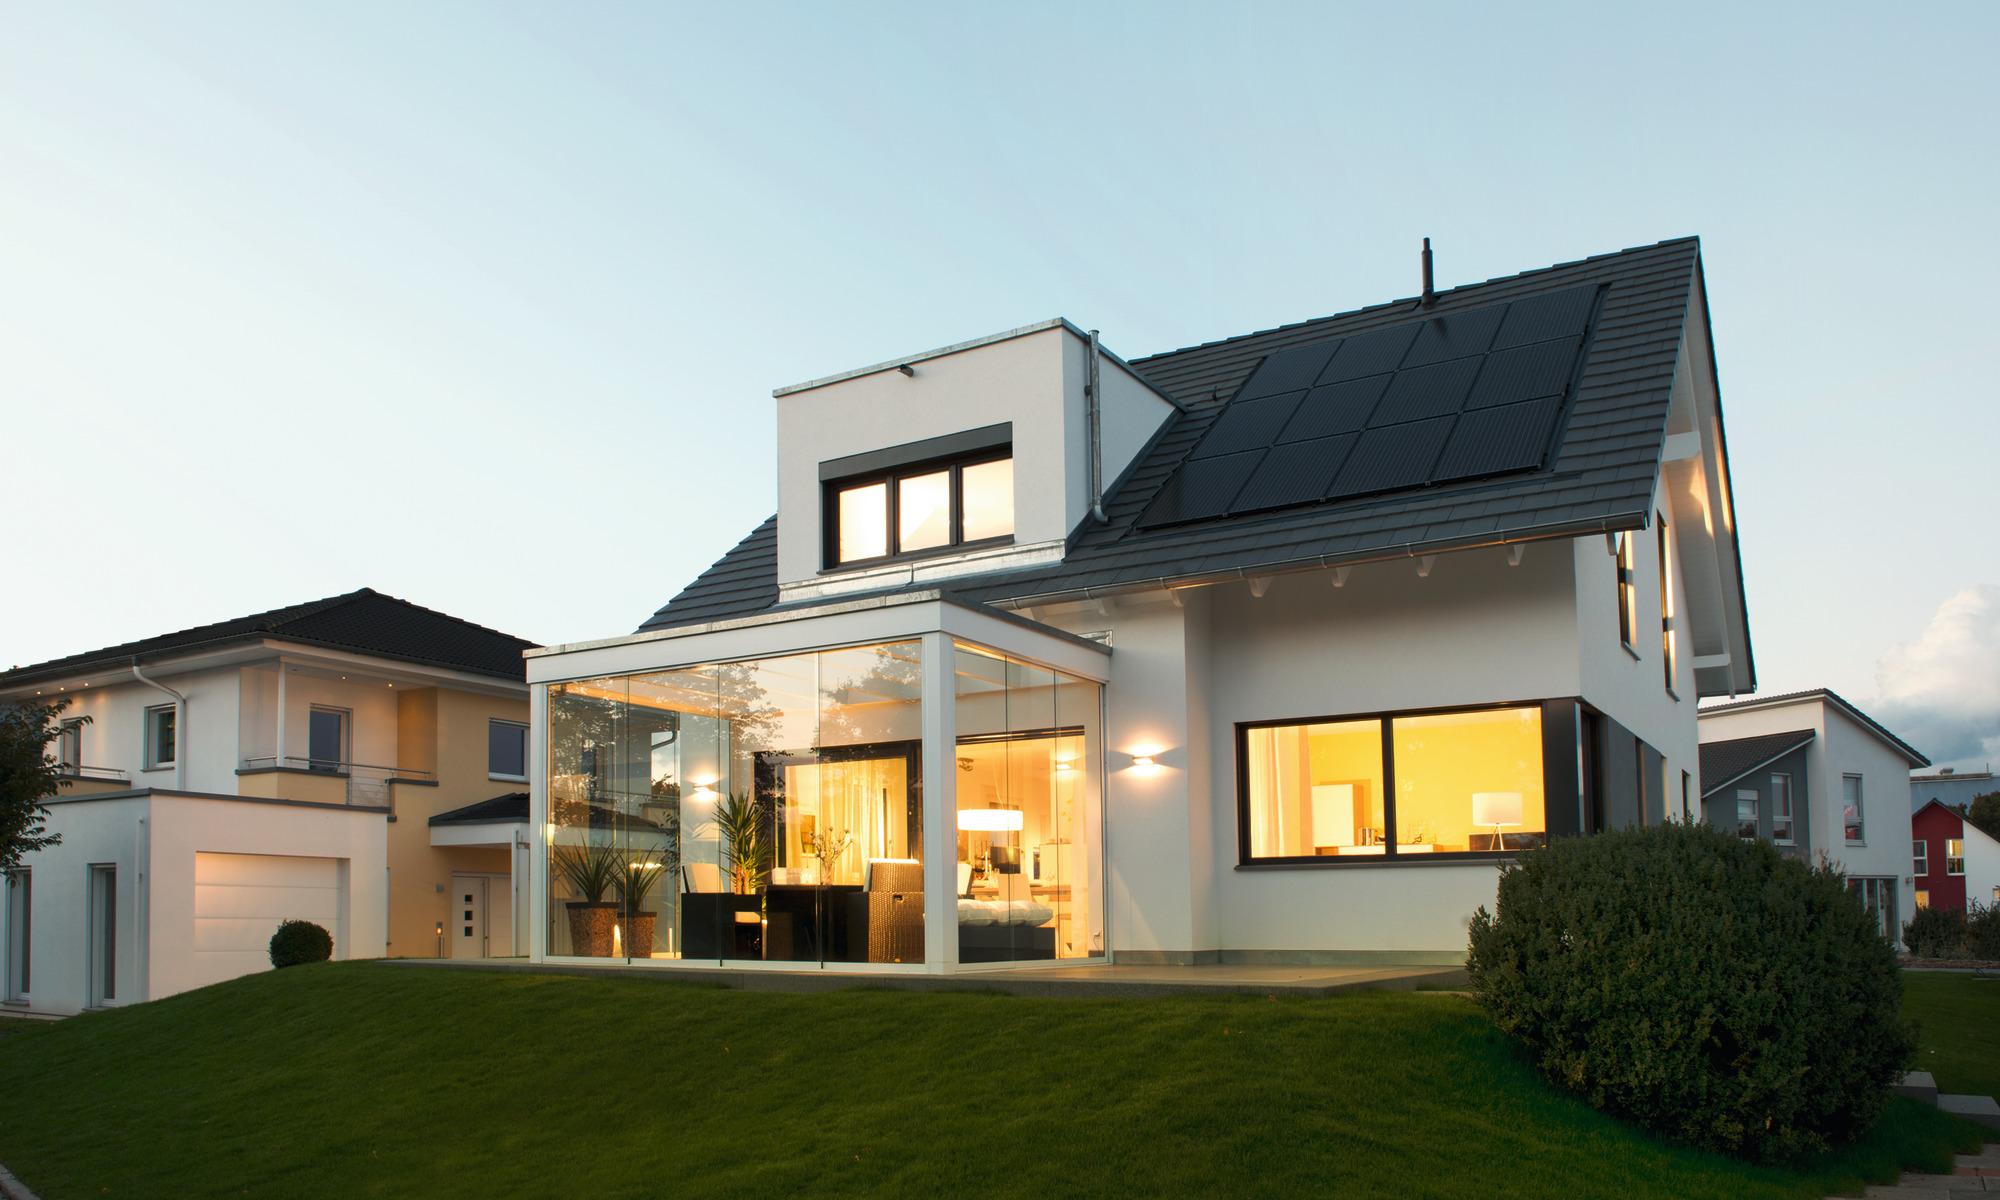 Einfamilienhaus; 1 1/2 geschossig, Photovoltaik; Terrasse; Dachgaube, WeberHaus